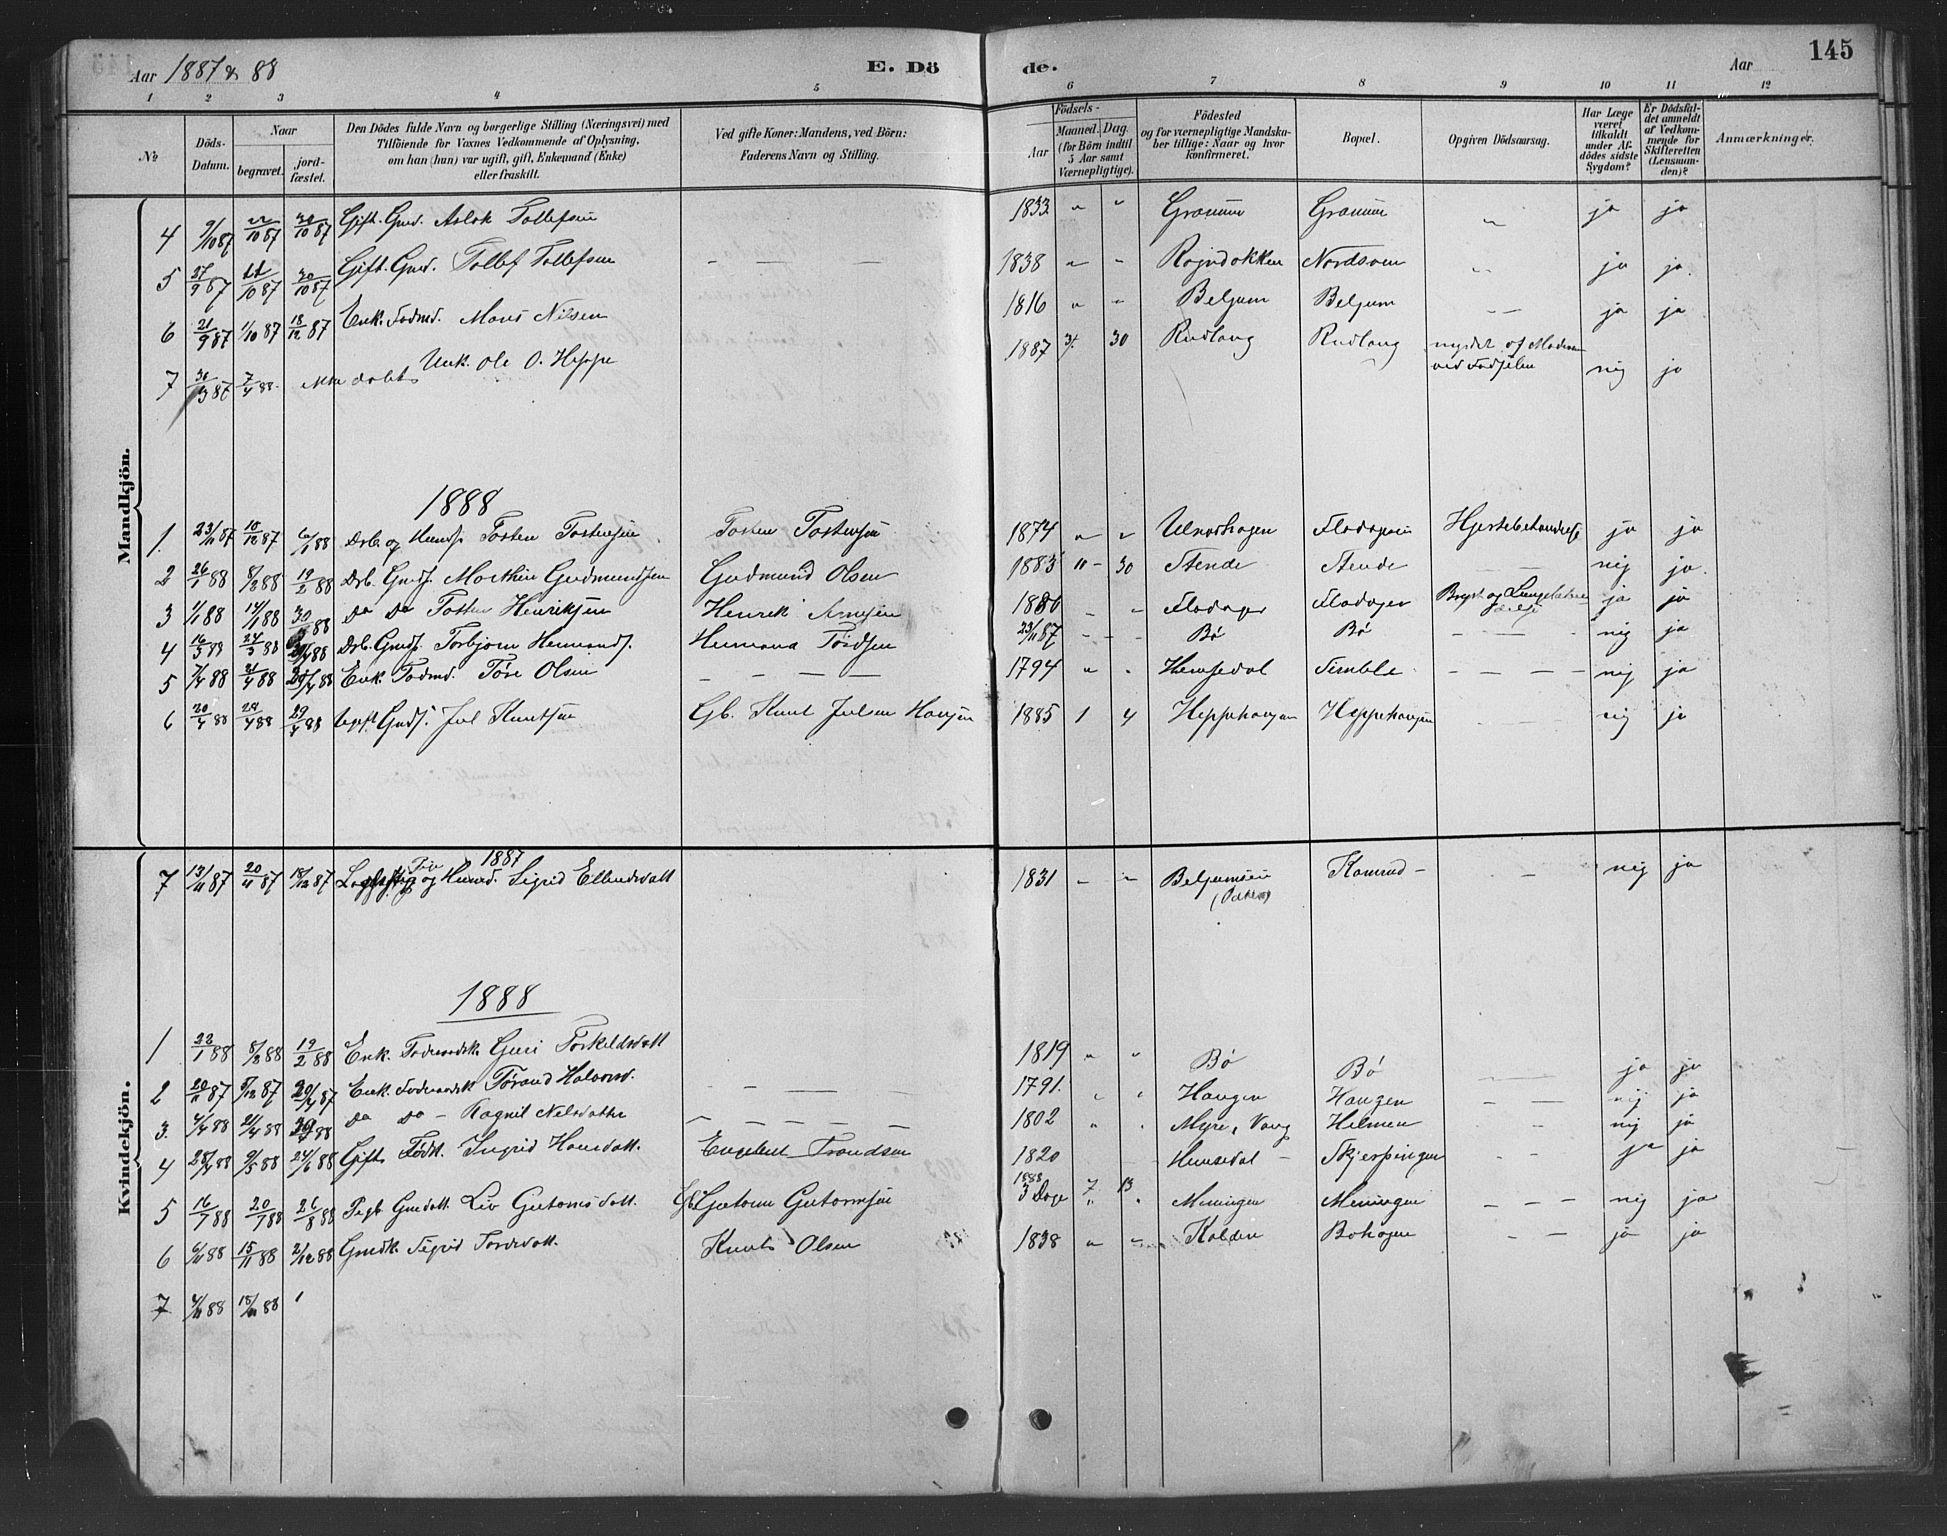 SAH, Nord-Aurdal prestekontor, Klokkerbok nr. 8, 1883-1916, s. 145